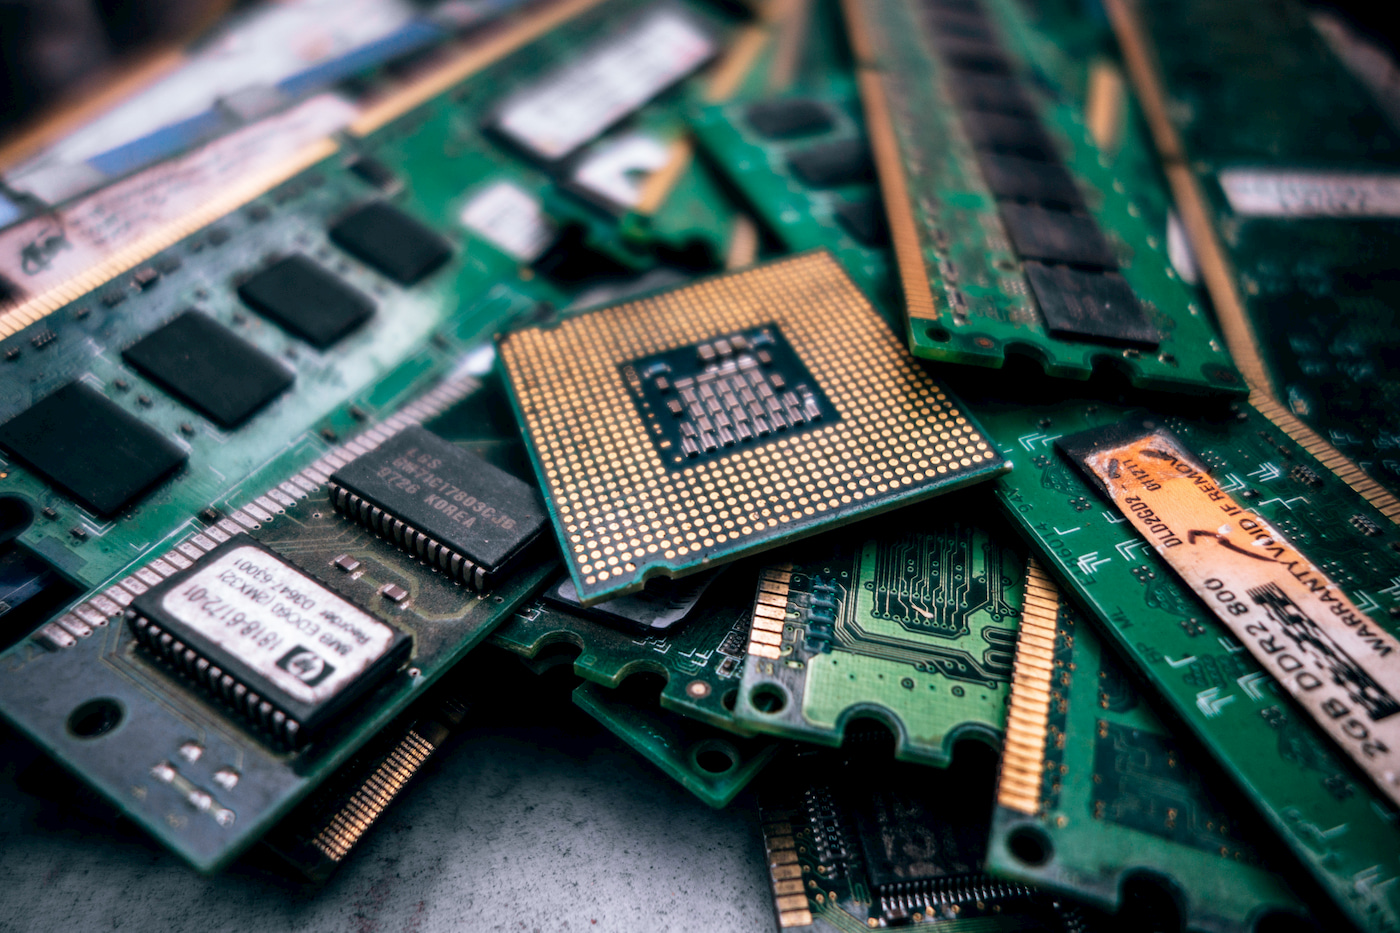 תיקון מחשבים